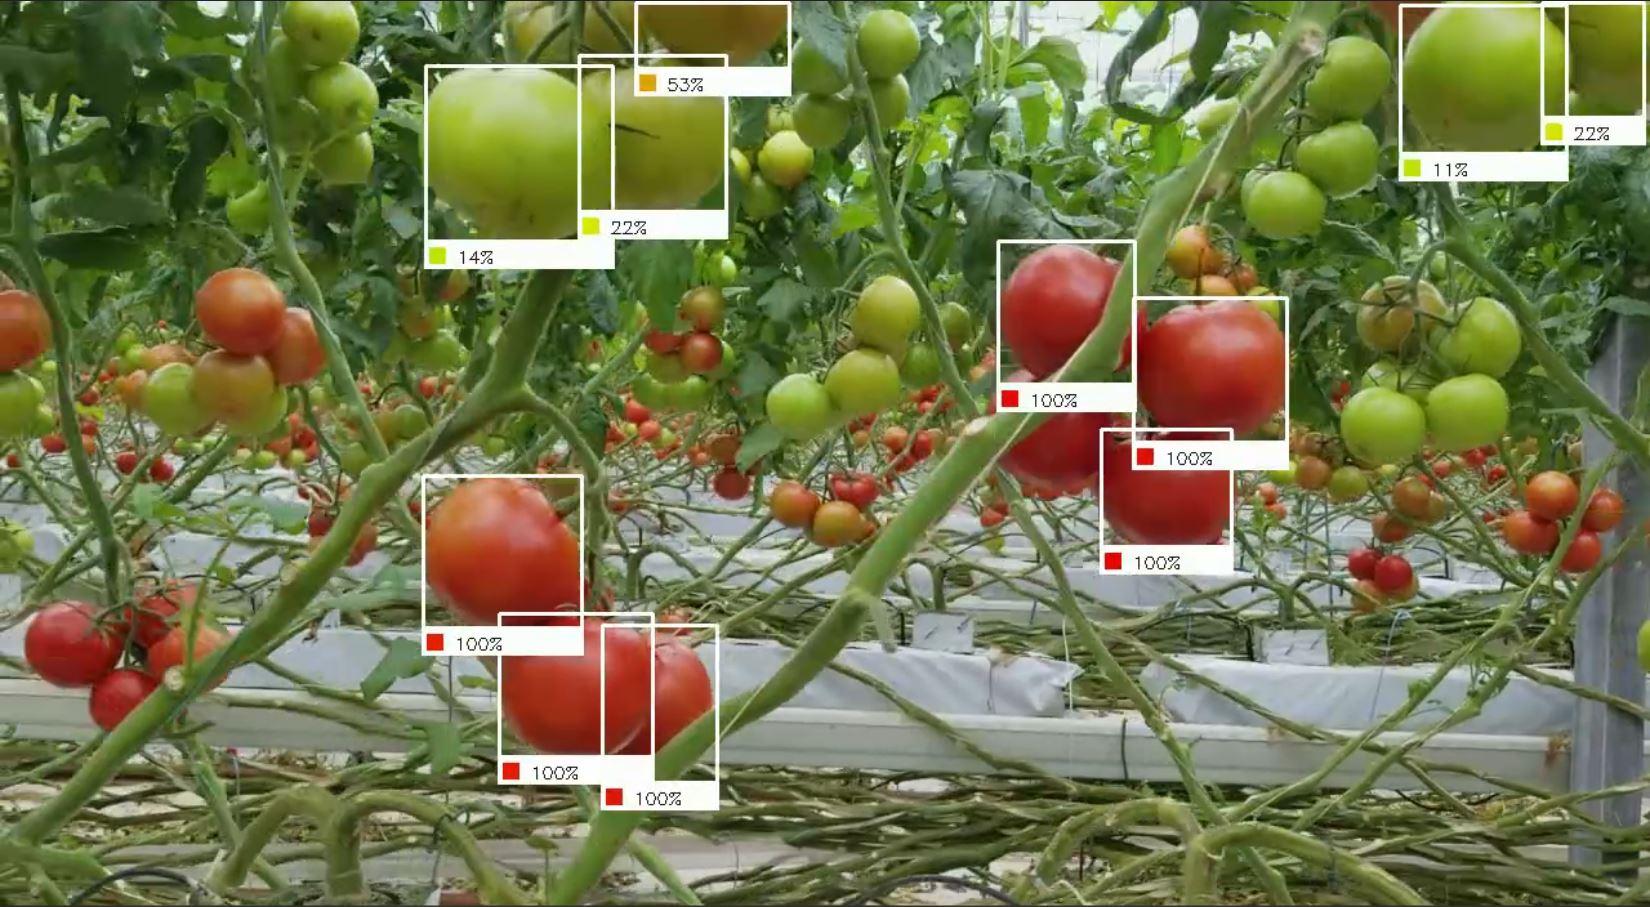 Robot sử dụng trí thông minh giúp chị em xử lý gọn các loại quả chín trong vườn chỉ trong tích tắc - Ảnh 4.